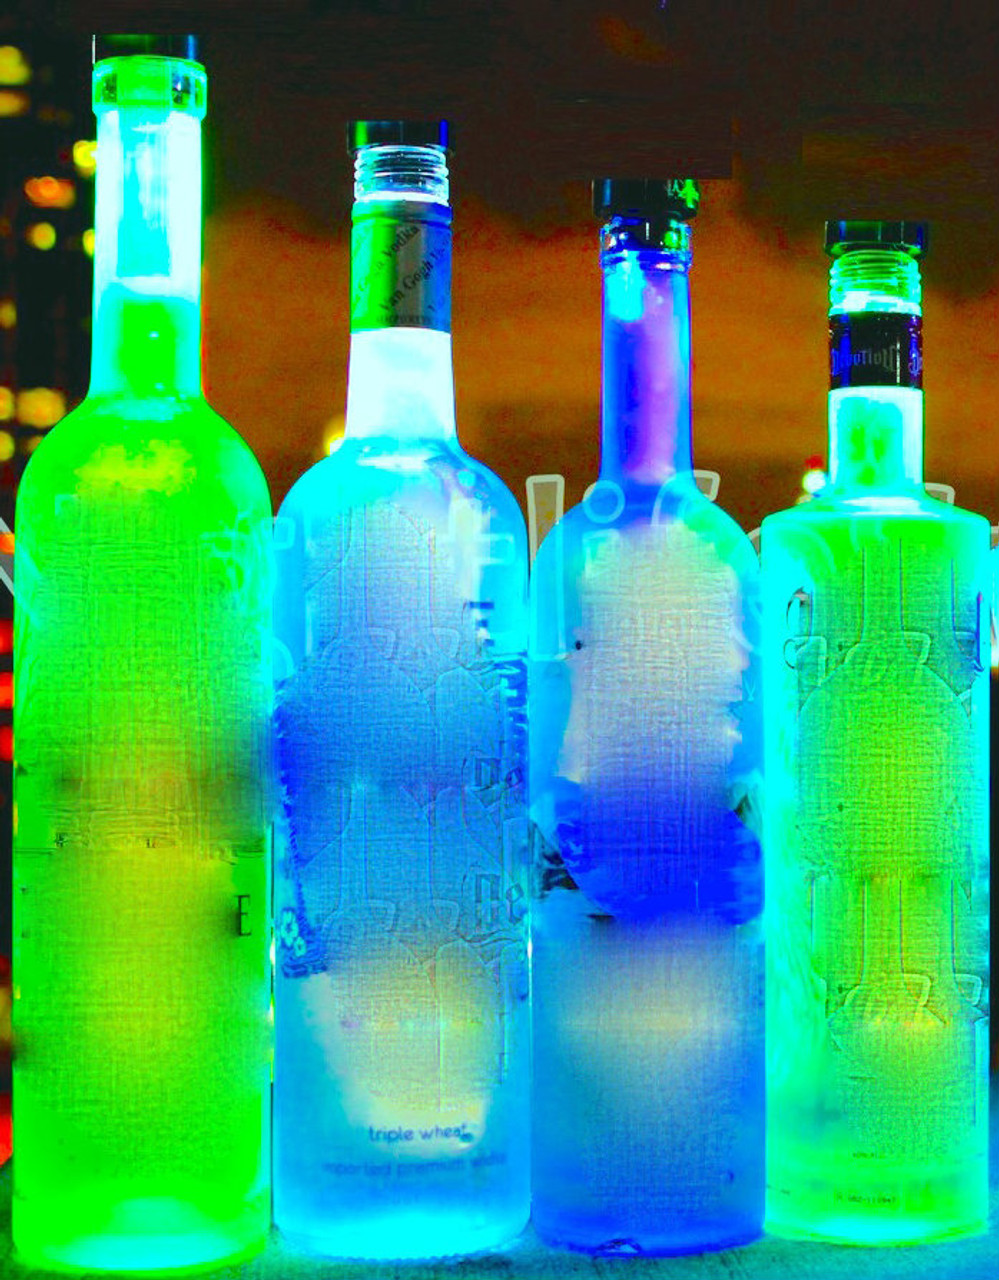 LED Bottle Glow, LED, Bottle, Bright, Light, illuminate, Glorifier, make bottle, light up, glowing, liquor, Belvedere